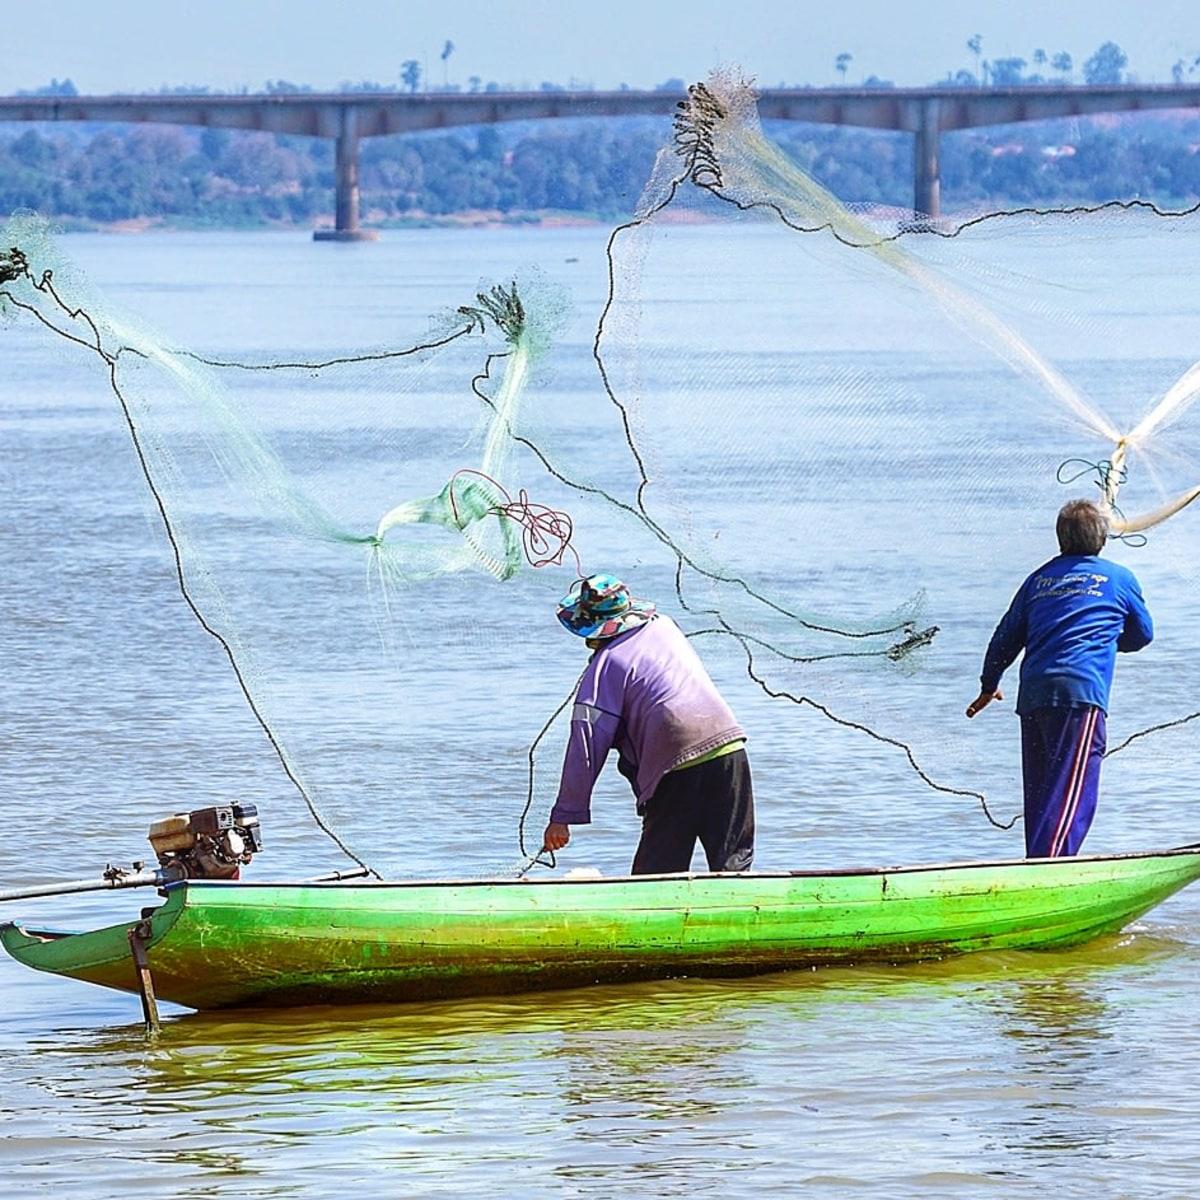 Mekong Schiffsreise - von Siem Reap nach Ho-Chi-Minh-Stadt